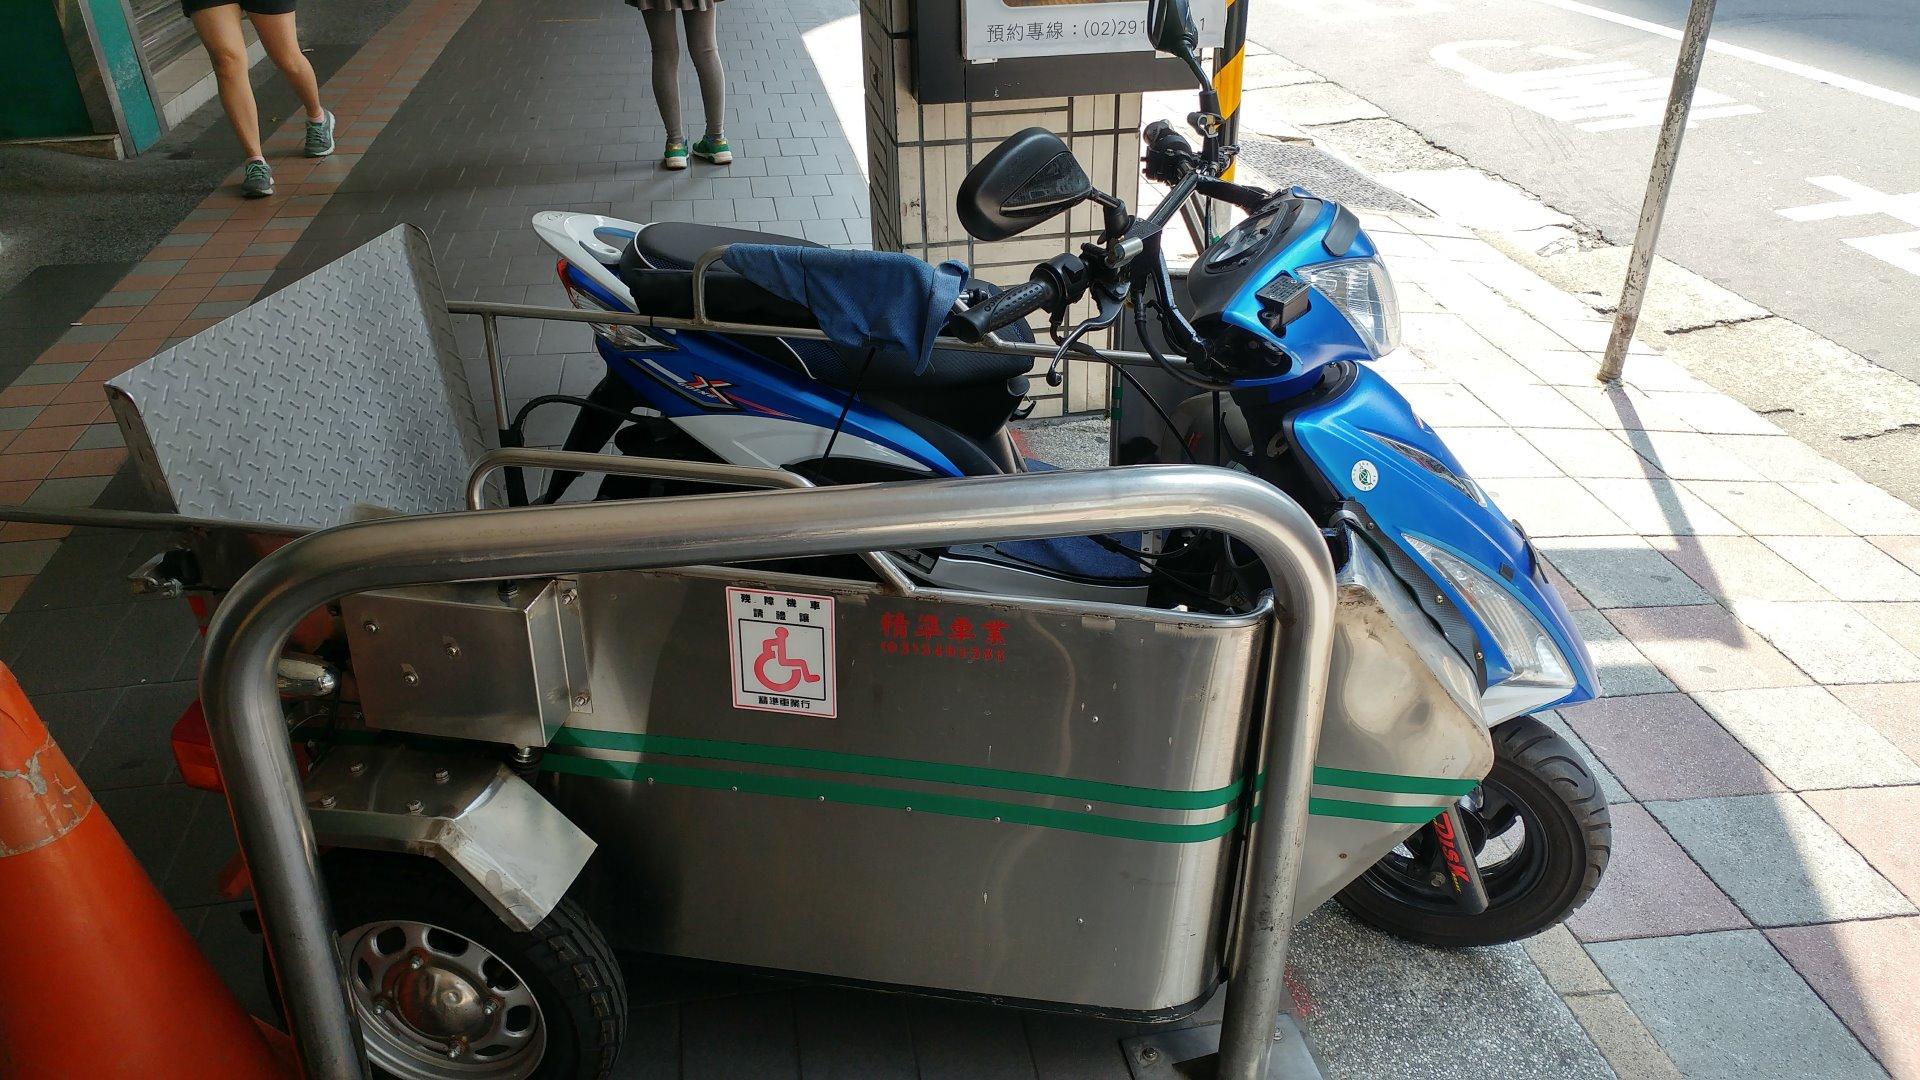 臺灣特有的改裝三輪摩托車 – im5481